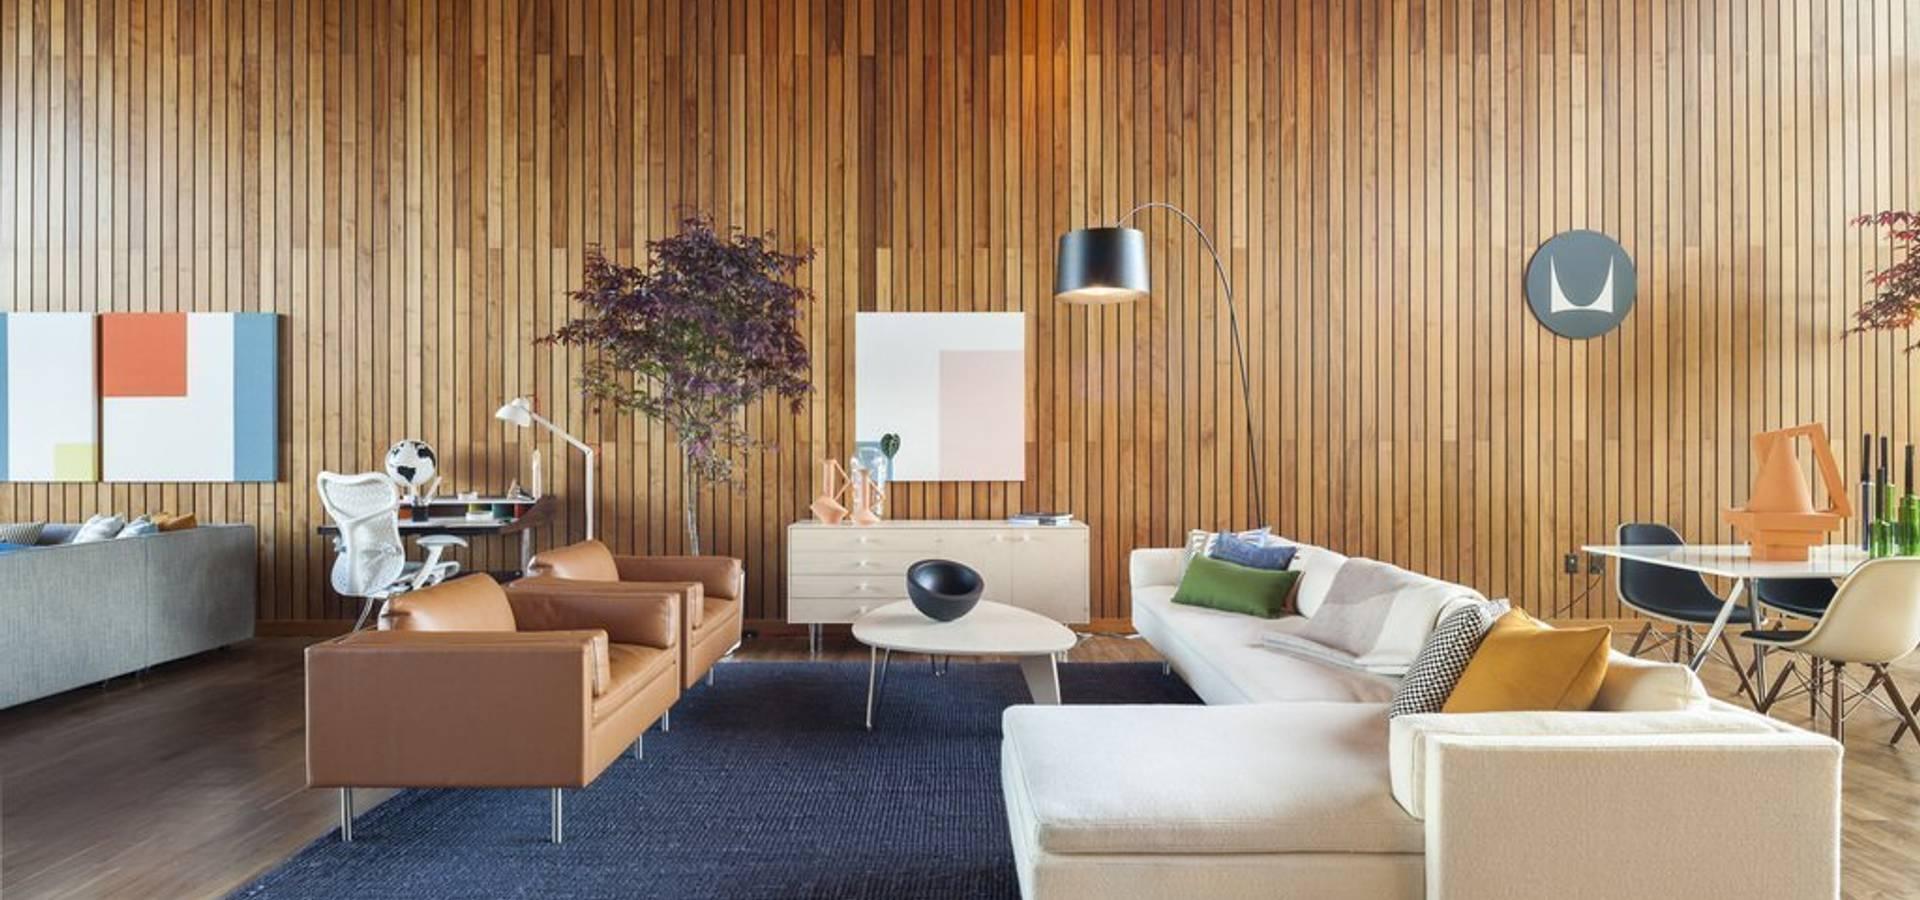 herman miller m xico muebles y accesorios en m xico d f homify. Black Bedroom Furniture Sets. Home Design Ideas